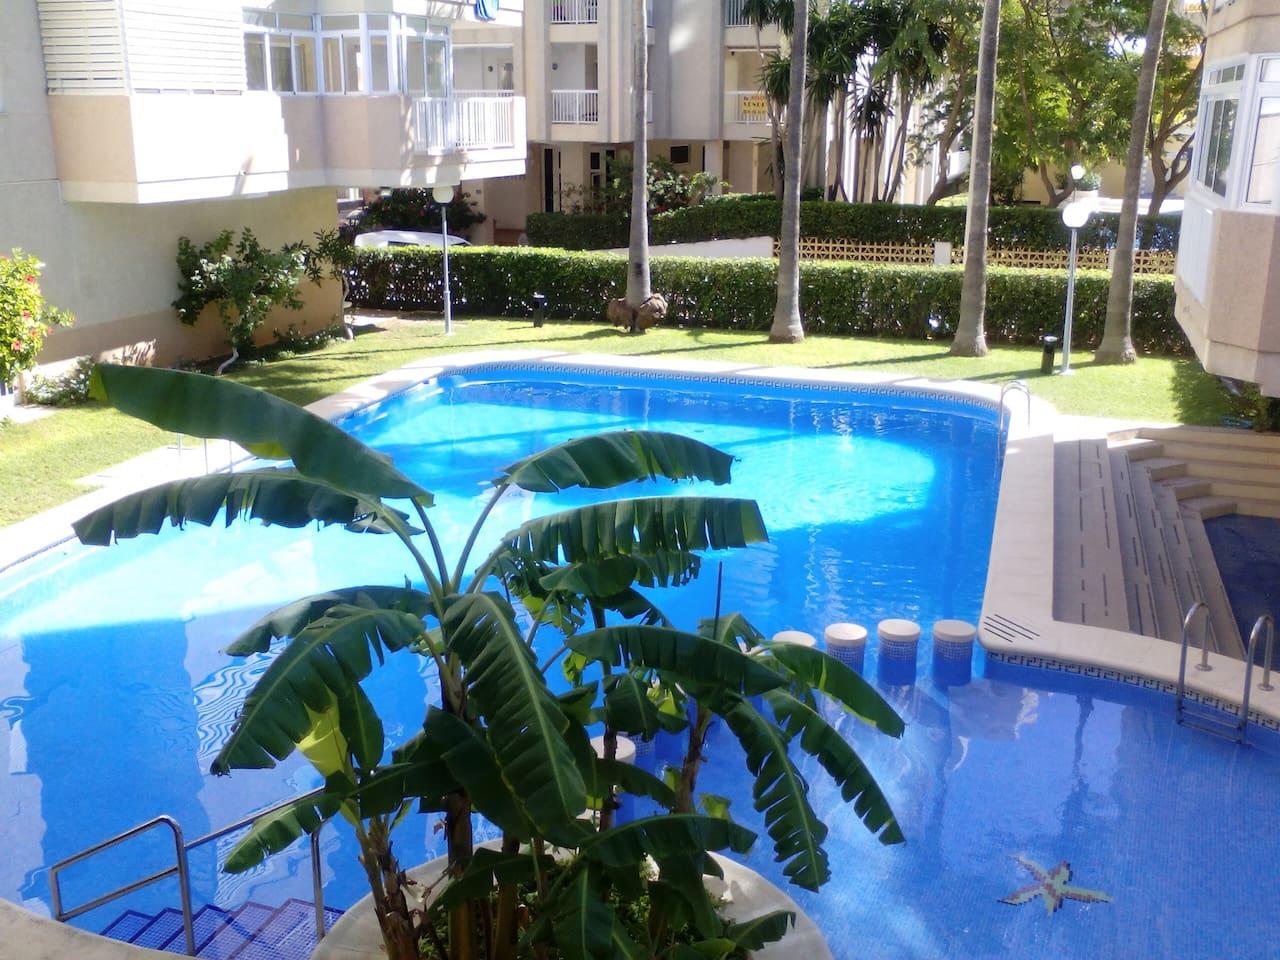 La piscina es perfecta para refrescarte en verano, dispone de piscina para los niños y duchas, muy útil cuando vuelves de la playa.